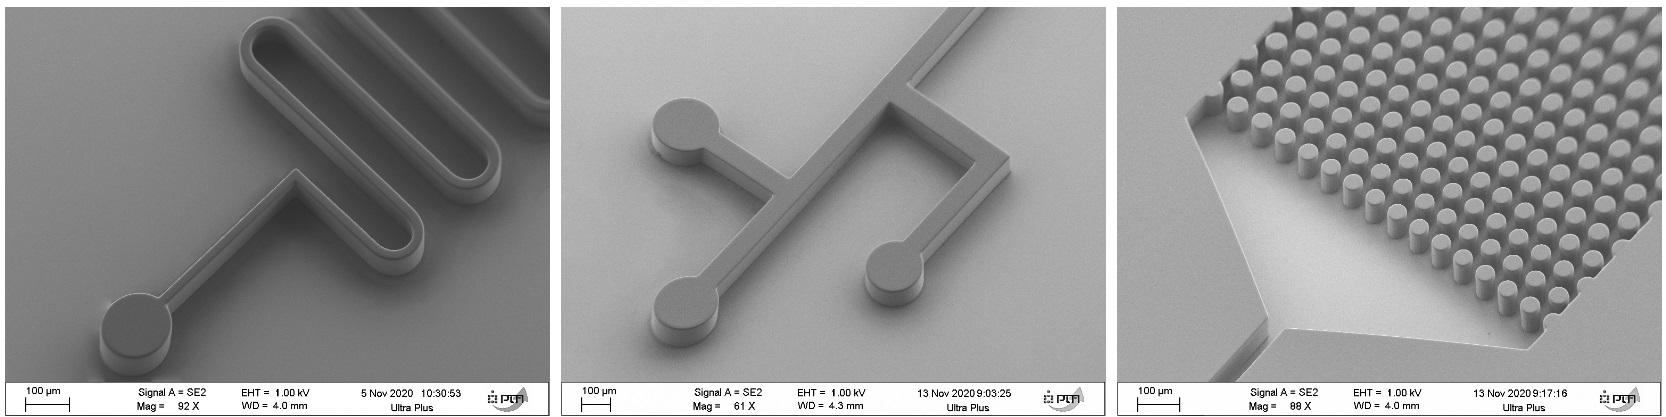 Примеры микроструктур безмасковой литографии